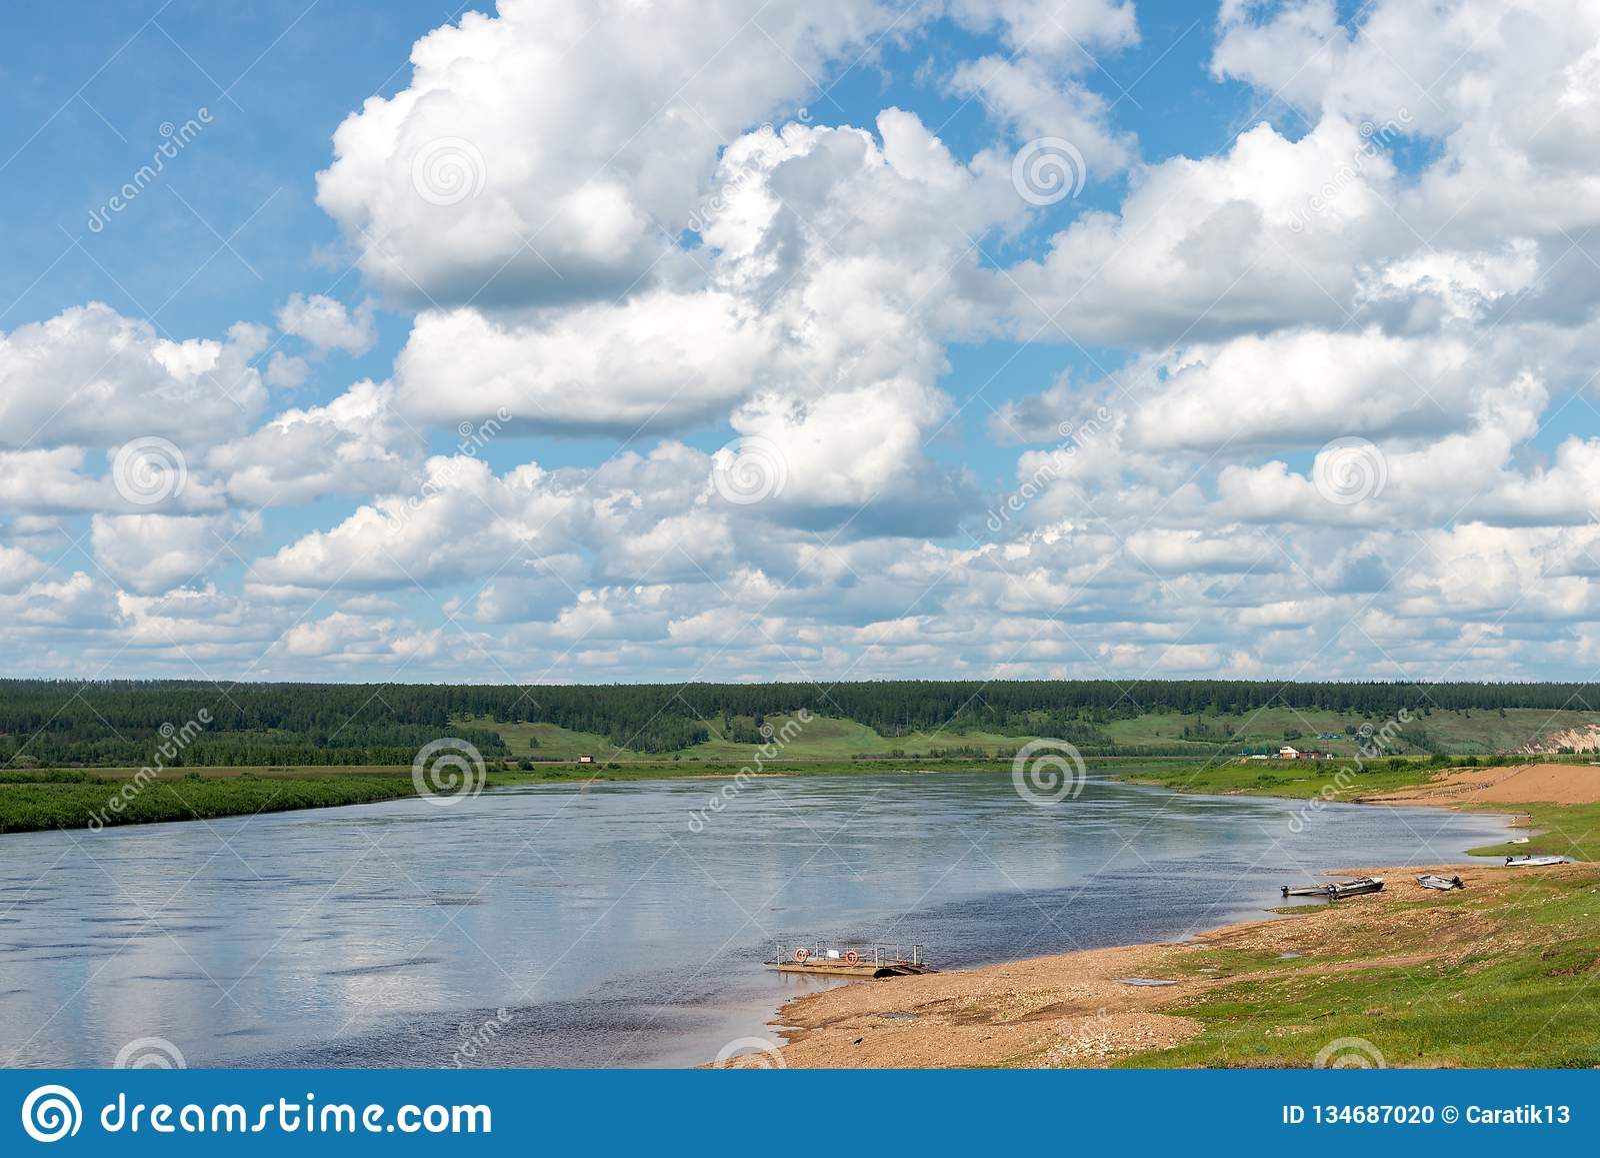 Paisaje rural con el pueblo y el río en el día nublado del verano